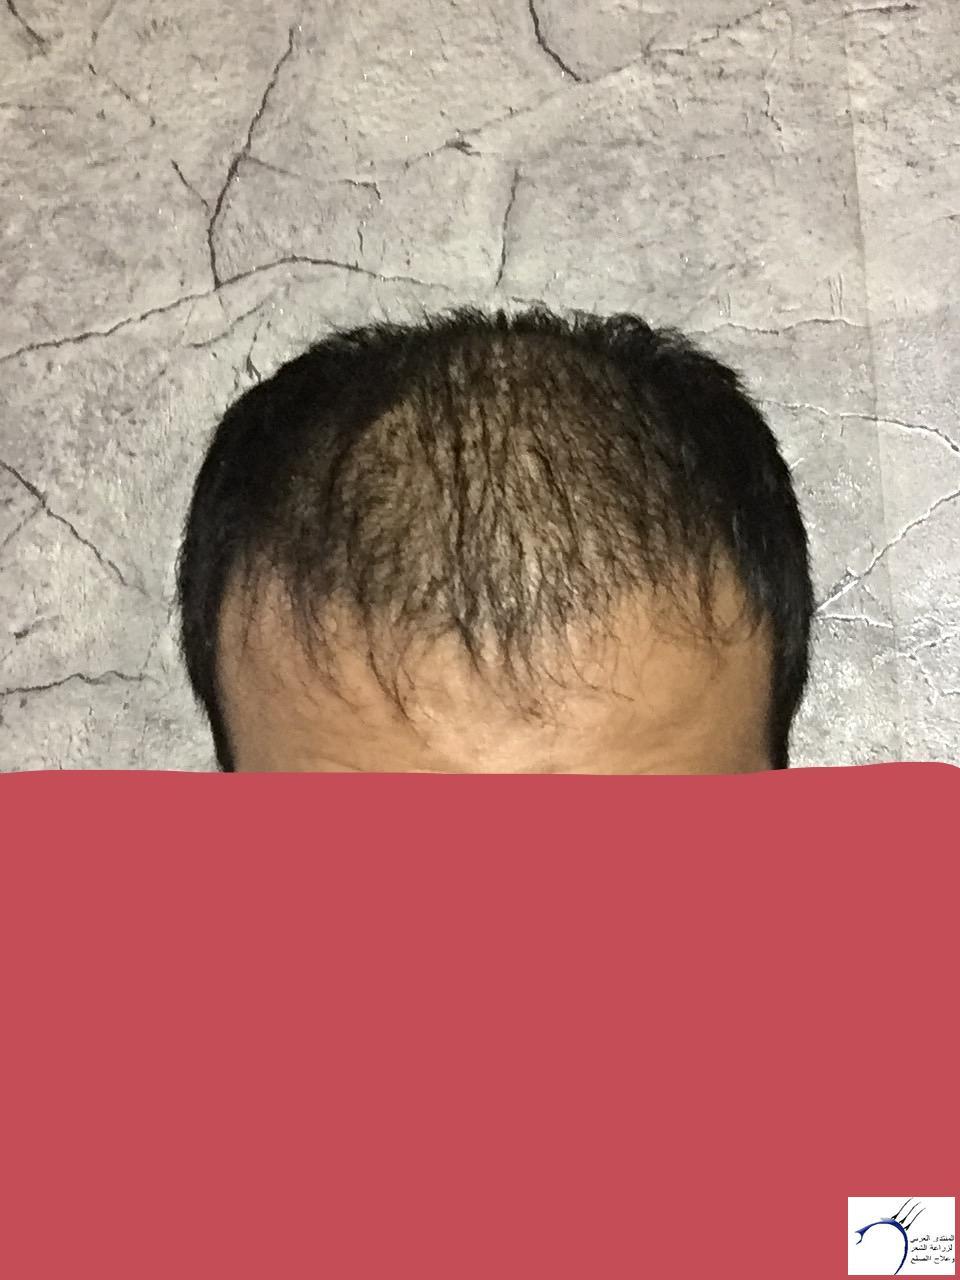 تجربتي رويال تحديث الشهر الرابع www.hairarab.com9e93